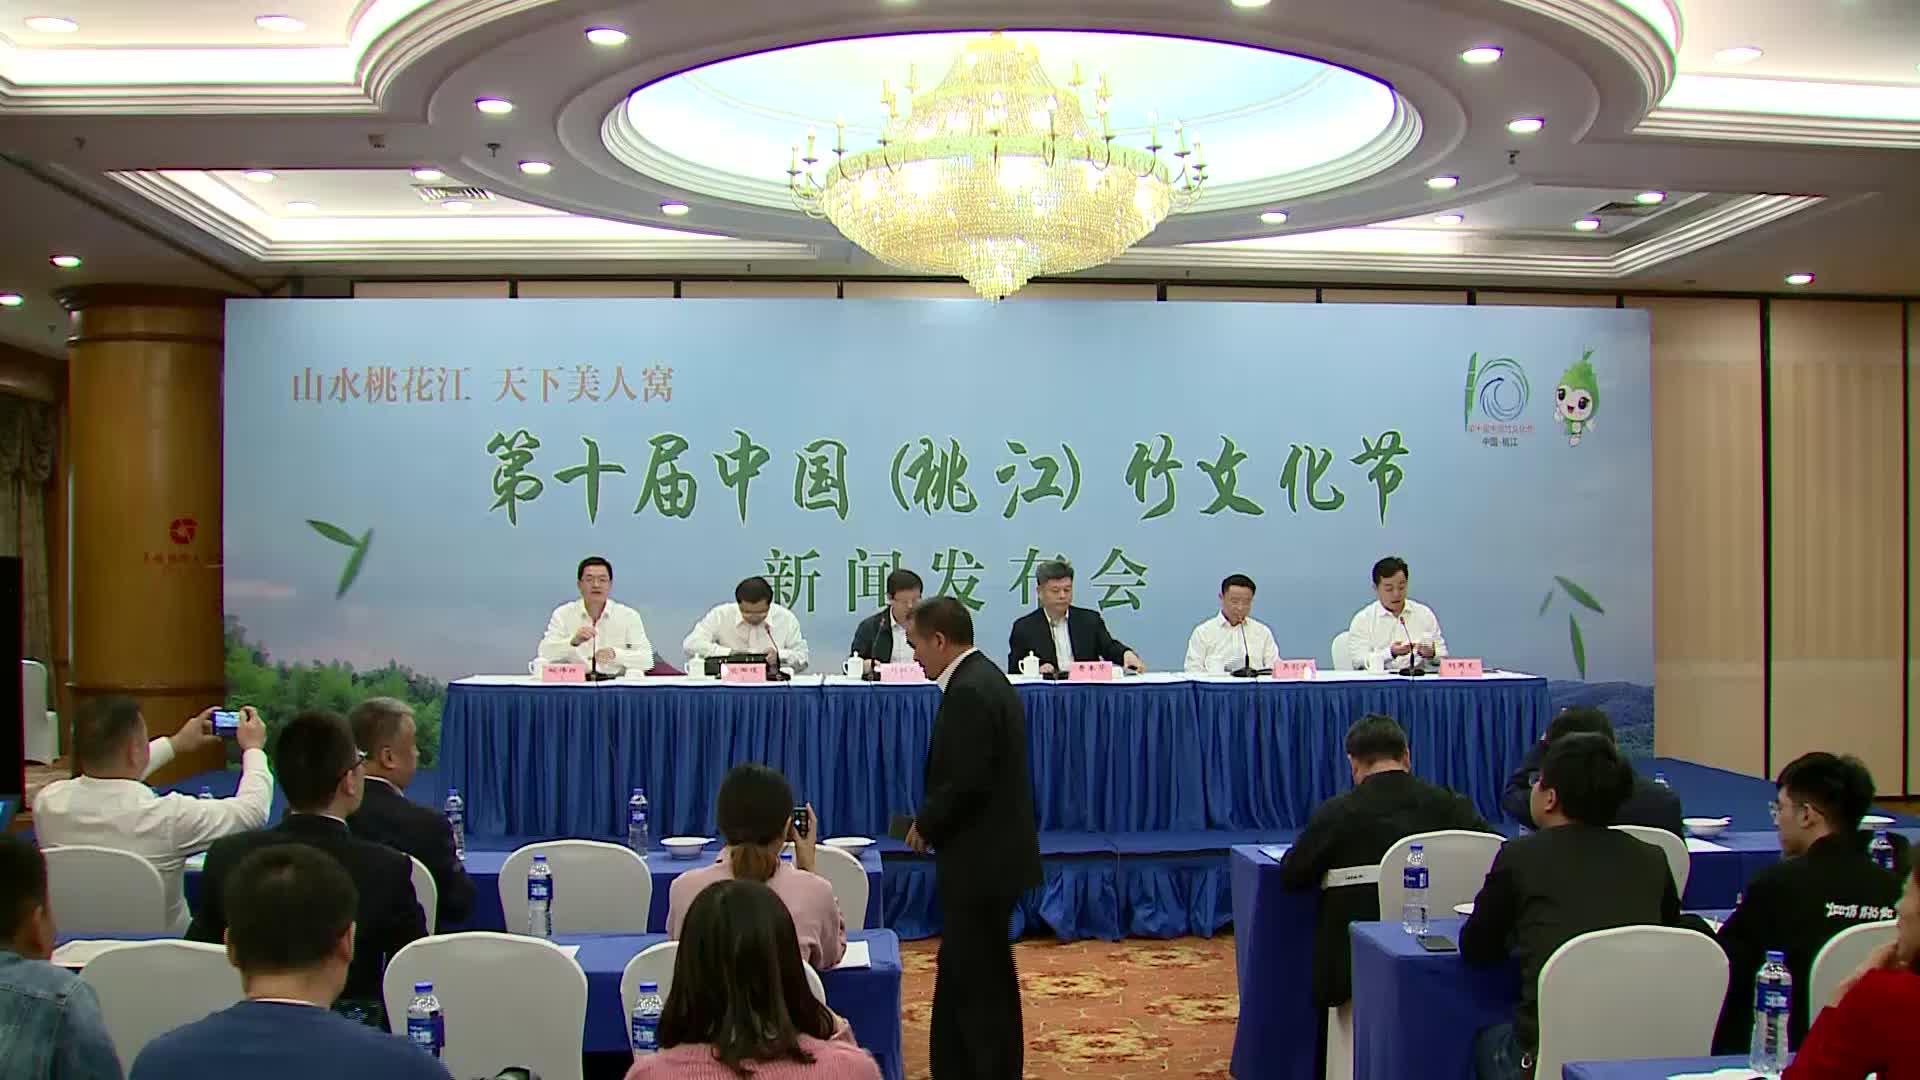 【全程回放】第十届中国竹文化节新闻发布会